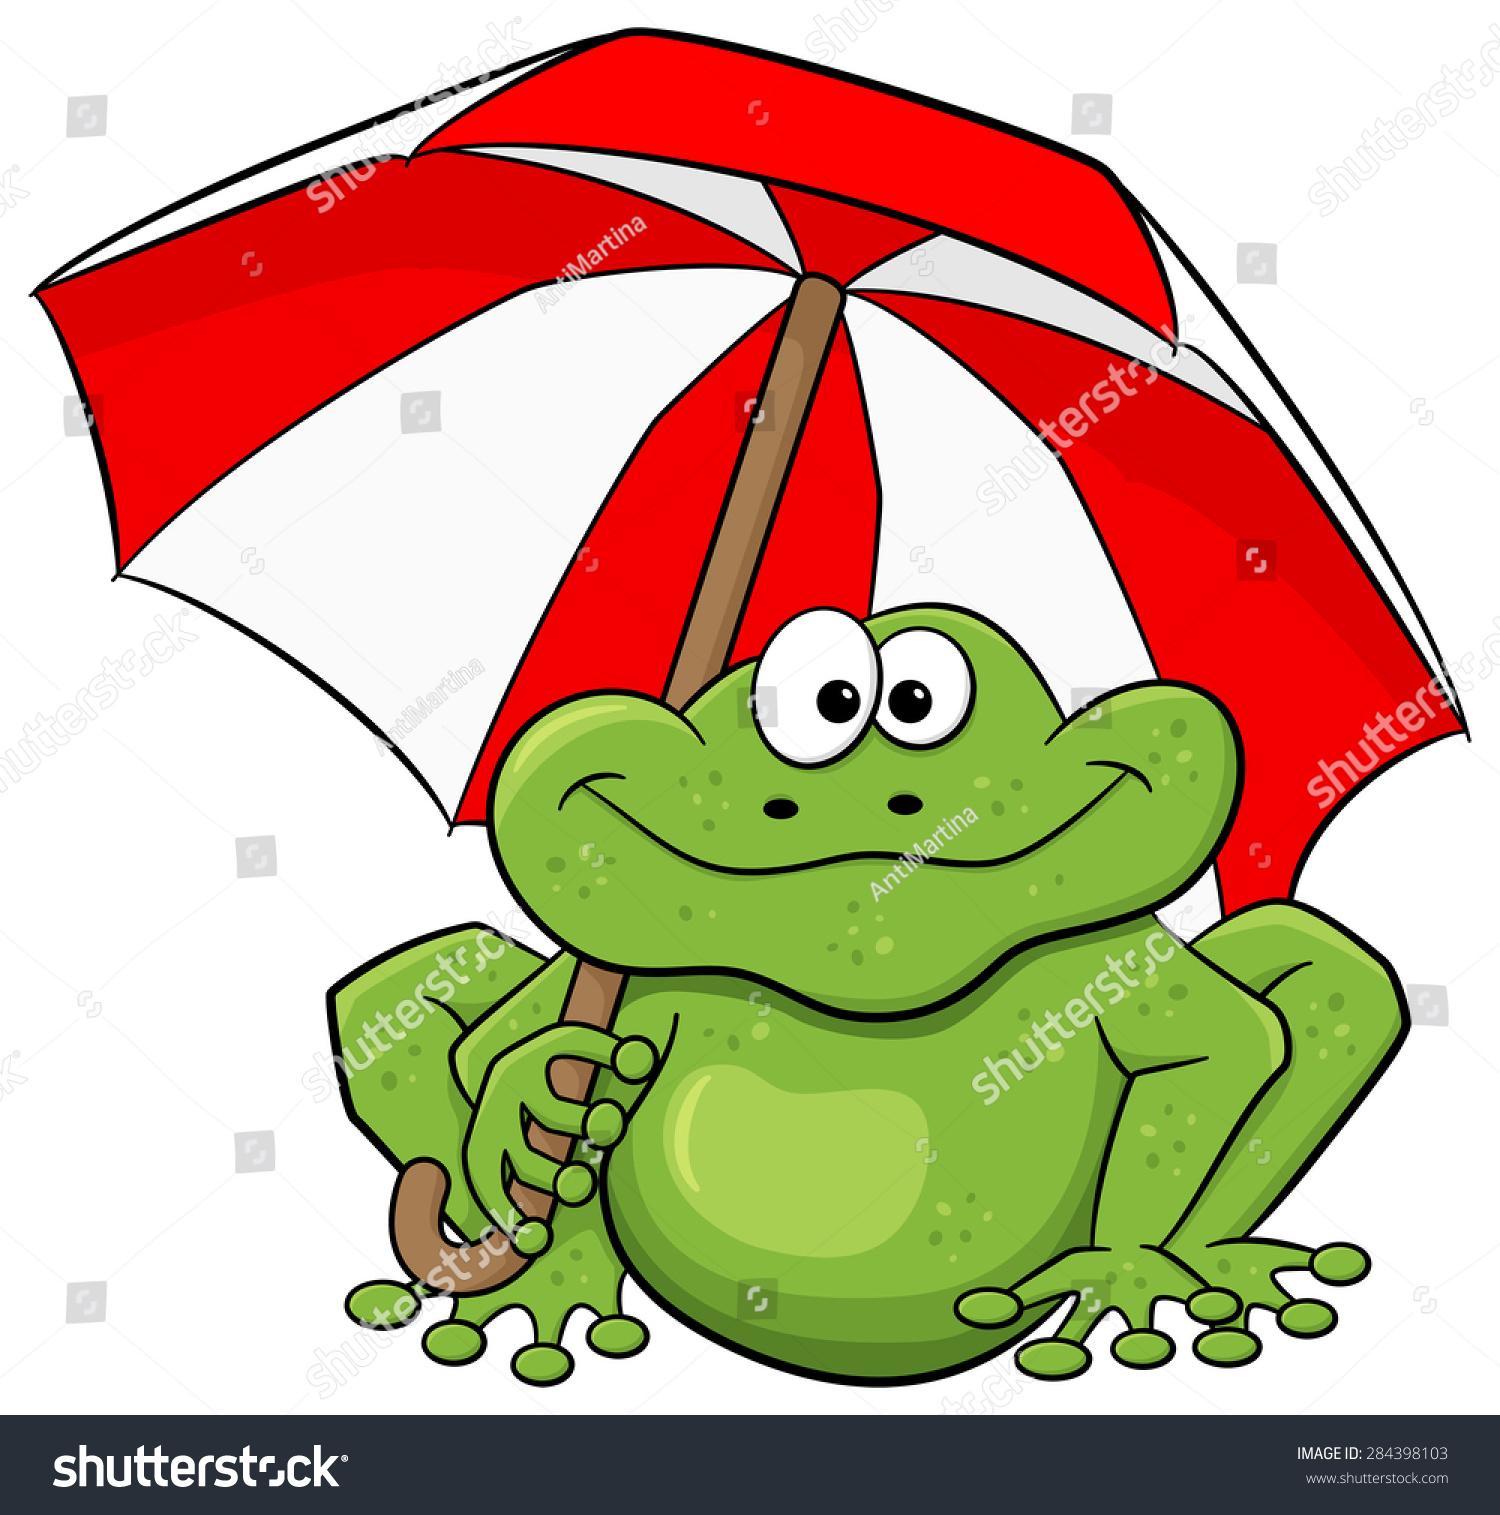 vector illustration cartoon frog umbrella stock vector 284398103